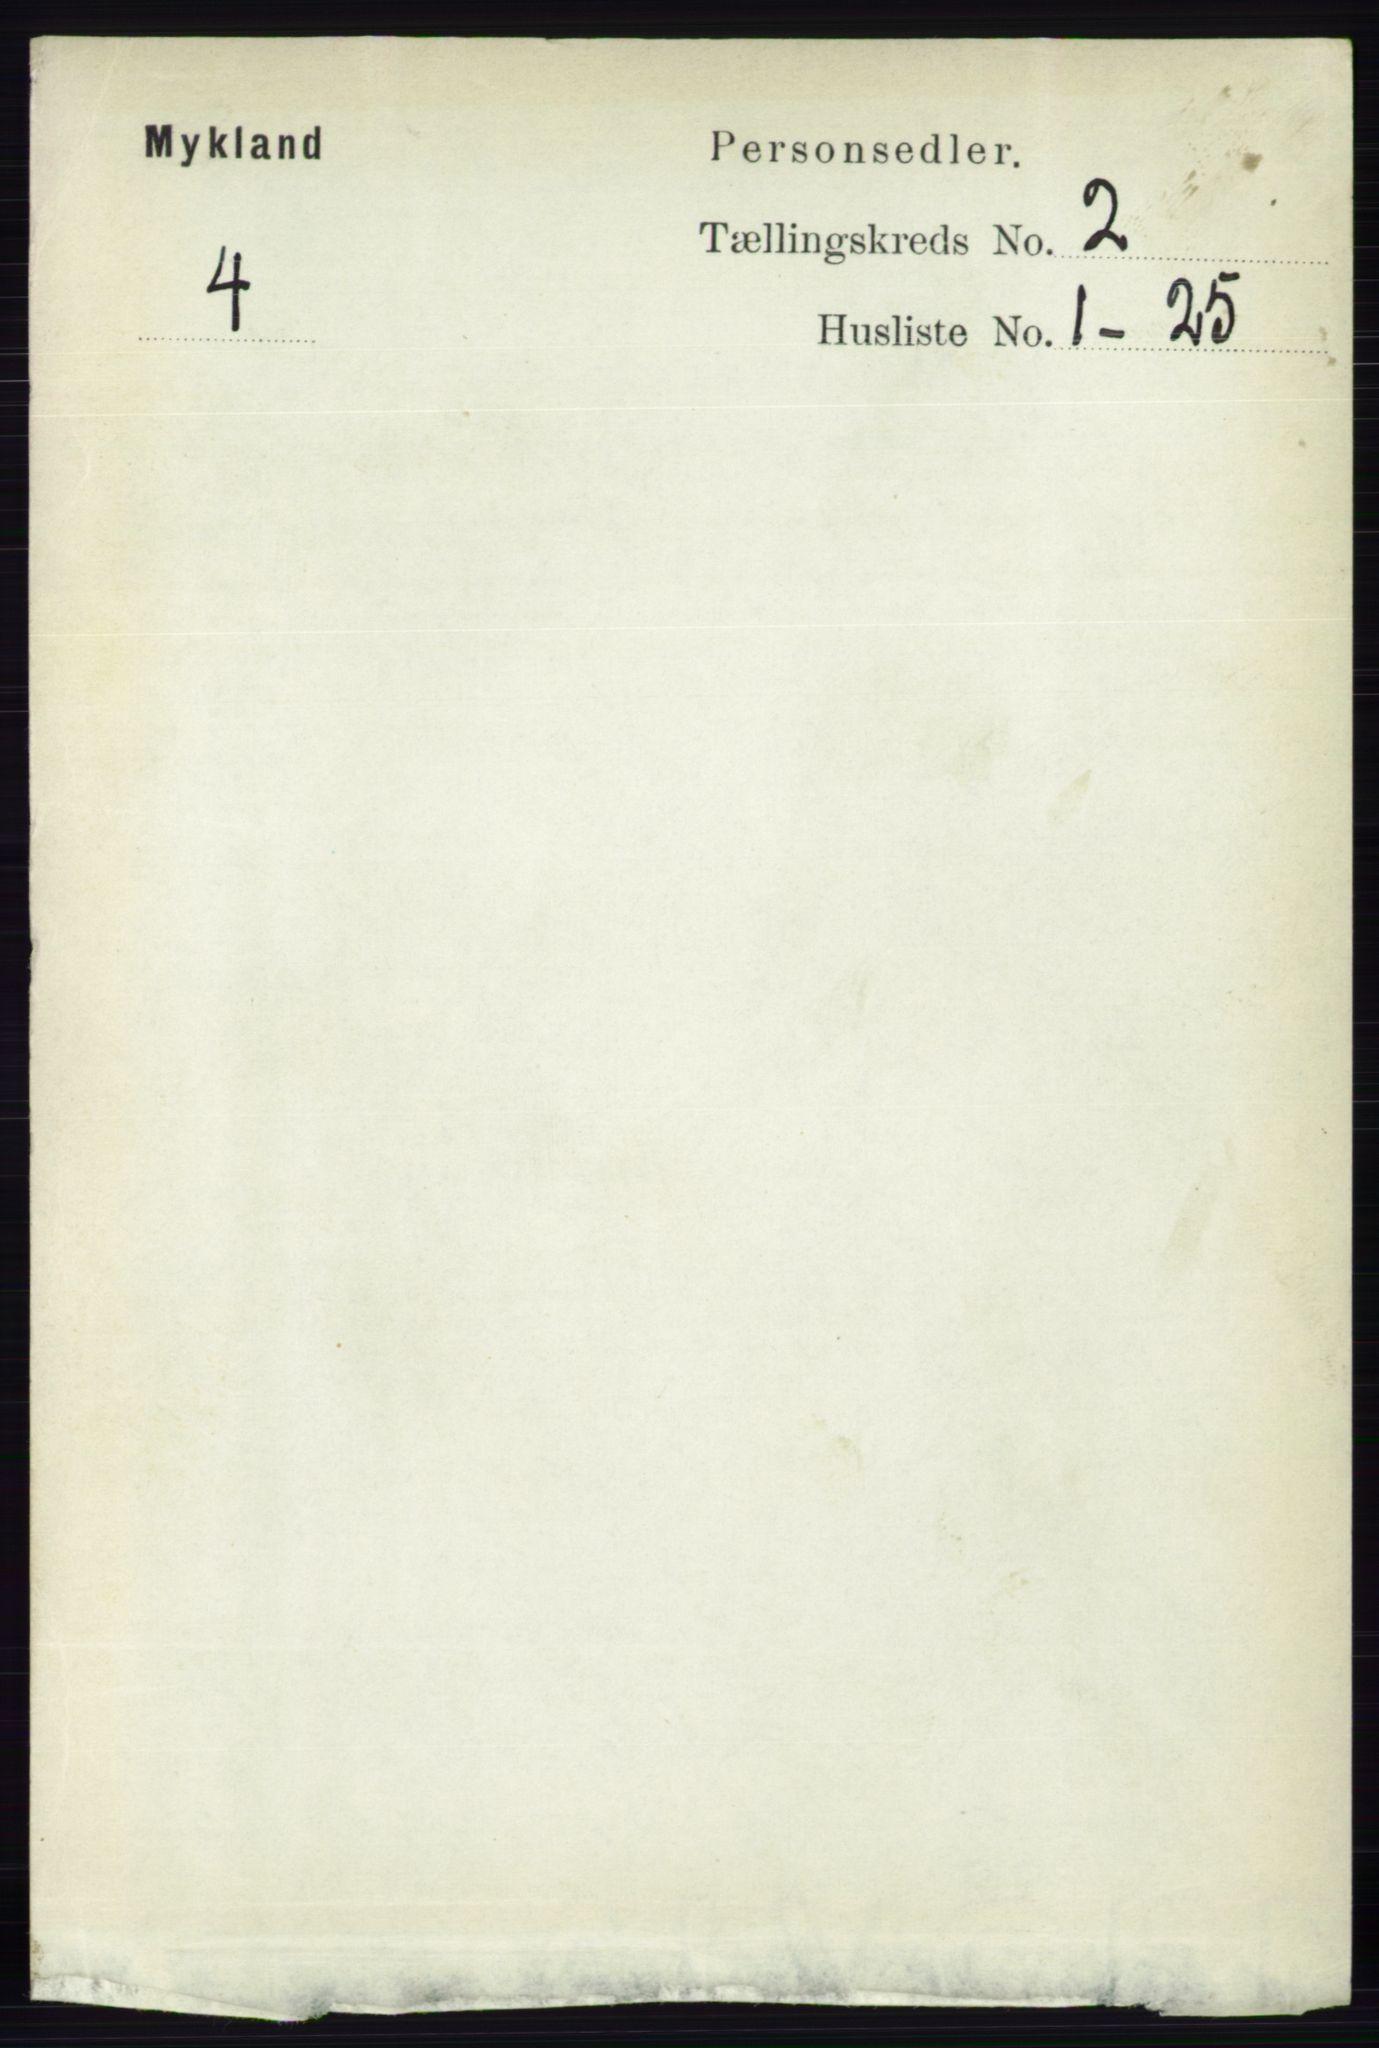 RA, Folketelling 1891 for 0932 Mykland herred, 1891, s. 302